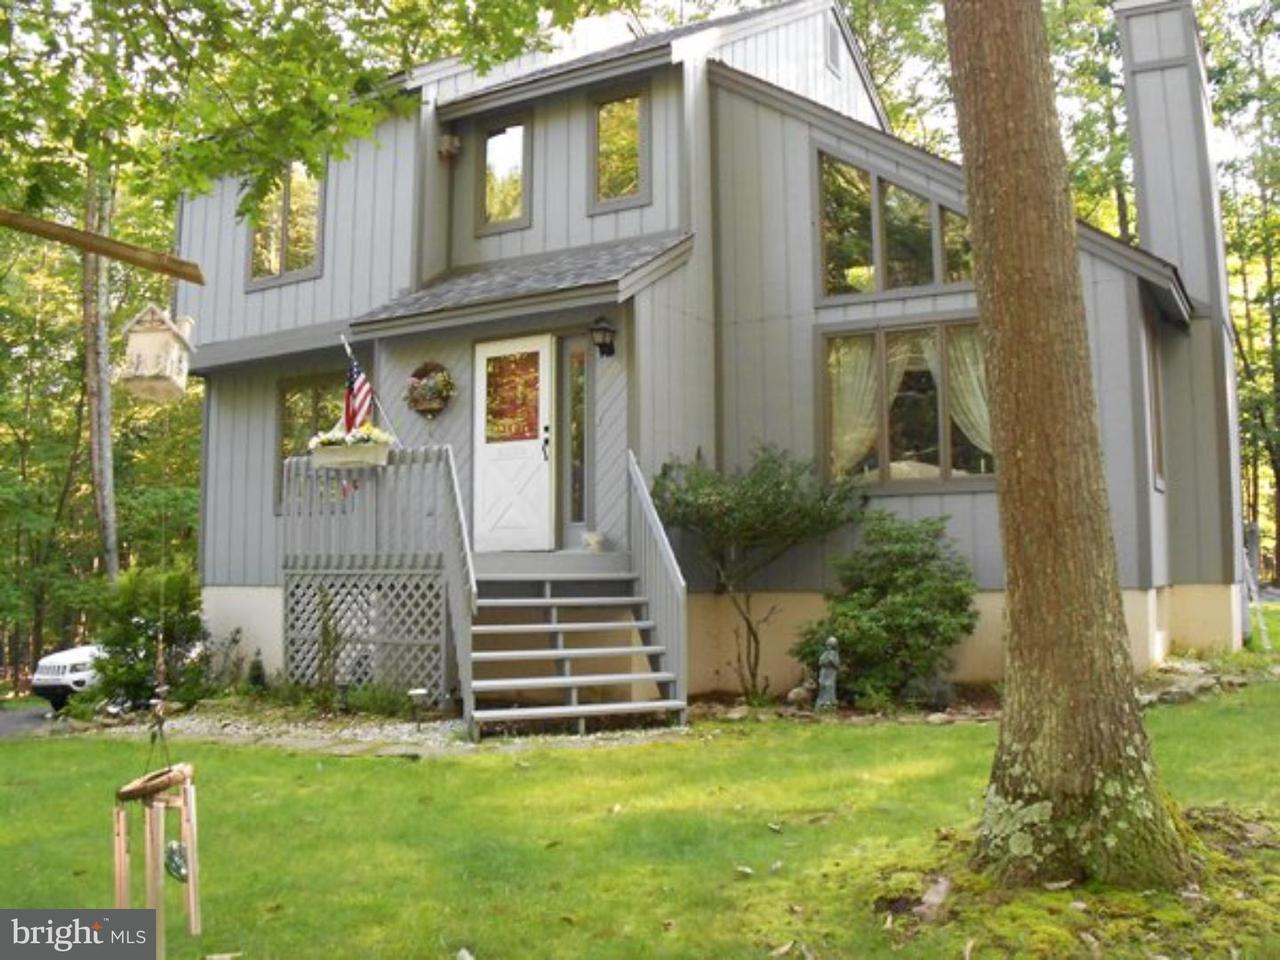 Casa Unifamiliar por un Venta en 111 CHEYNEY Drive Hazleton, Pennsylvania 18202 Estados Unidos